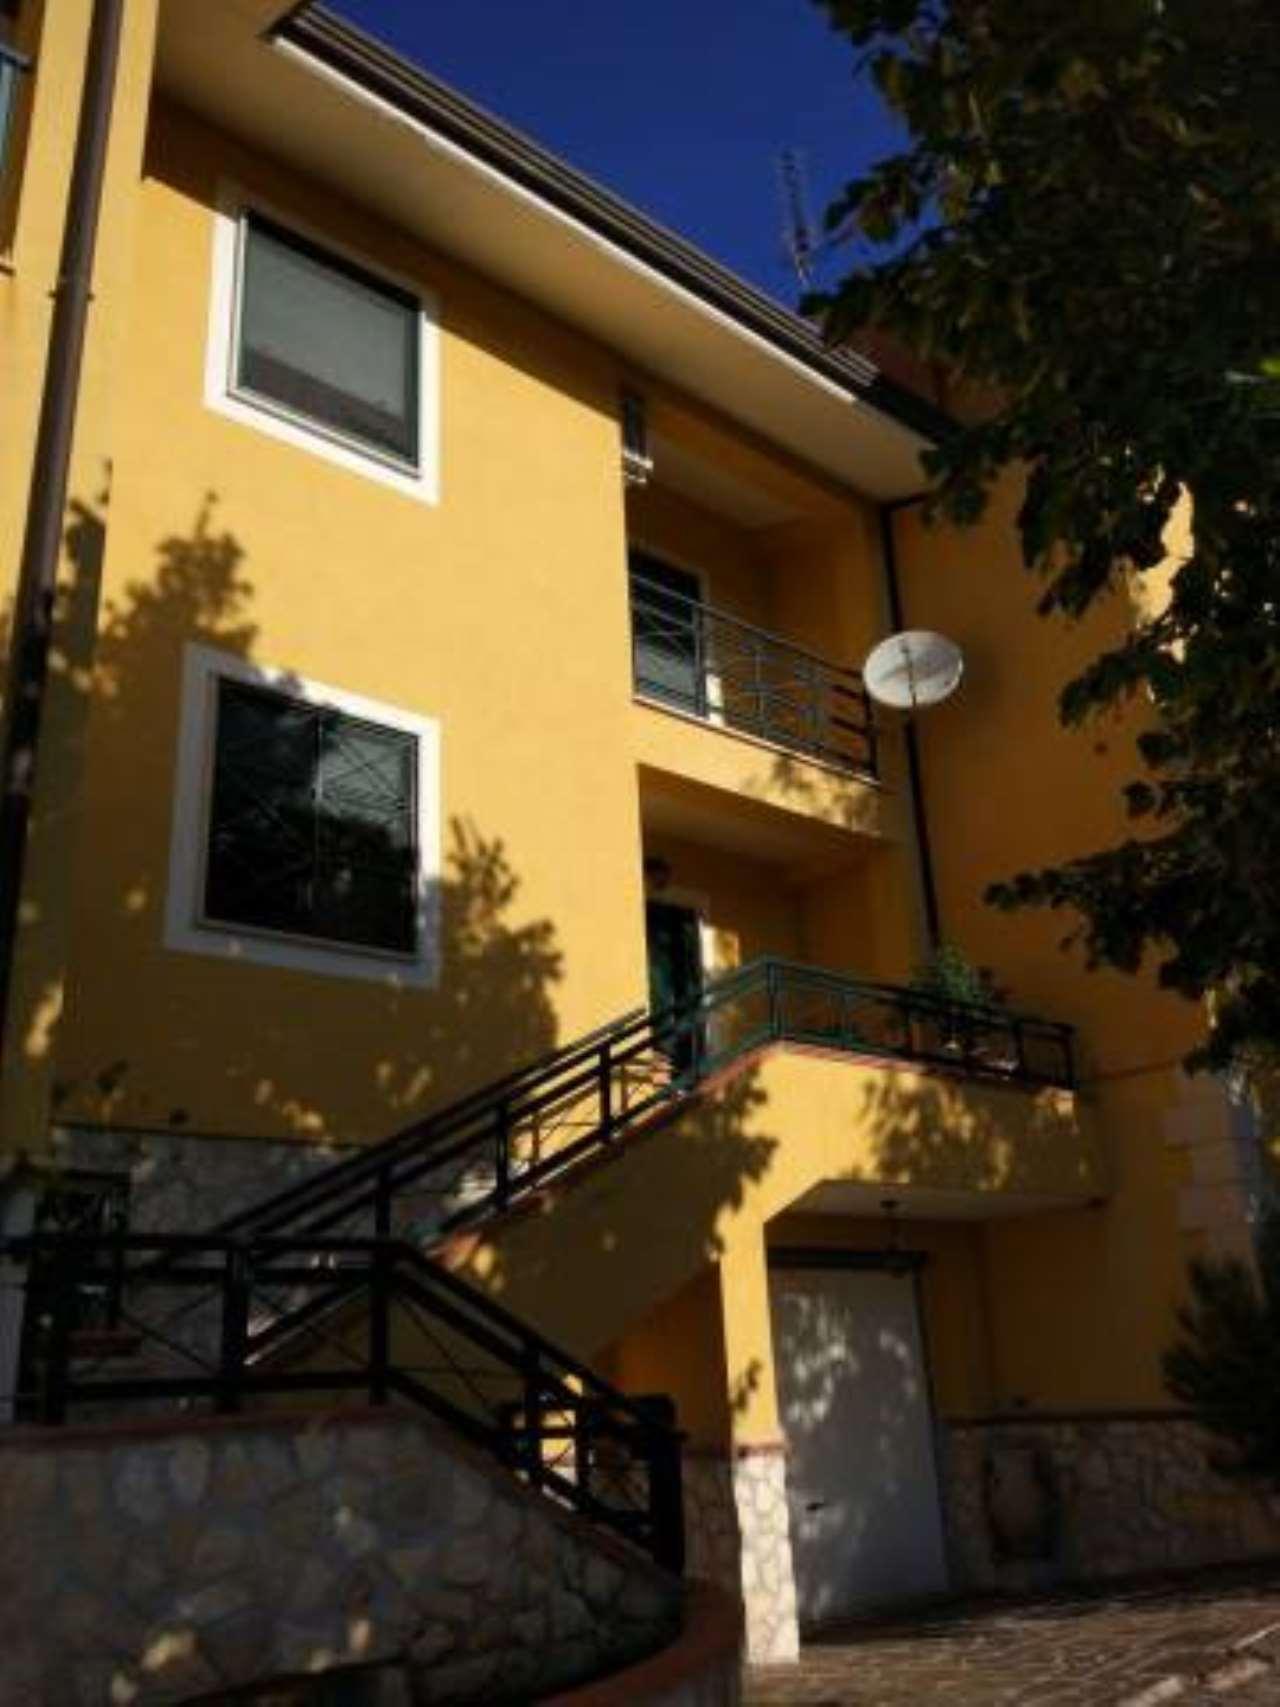 Villa a Schiera in vendita a Arce, 3 locali, prezzo € 169.000 | CambioCasa.it